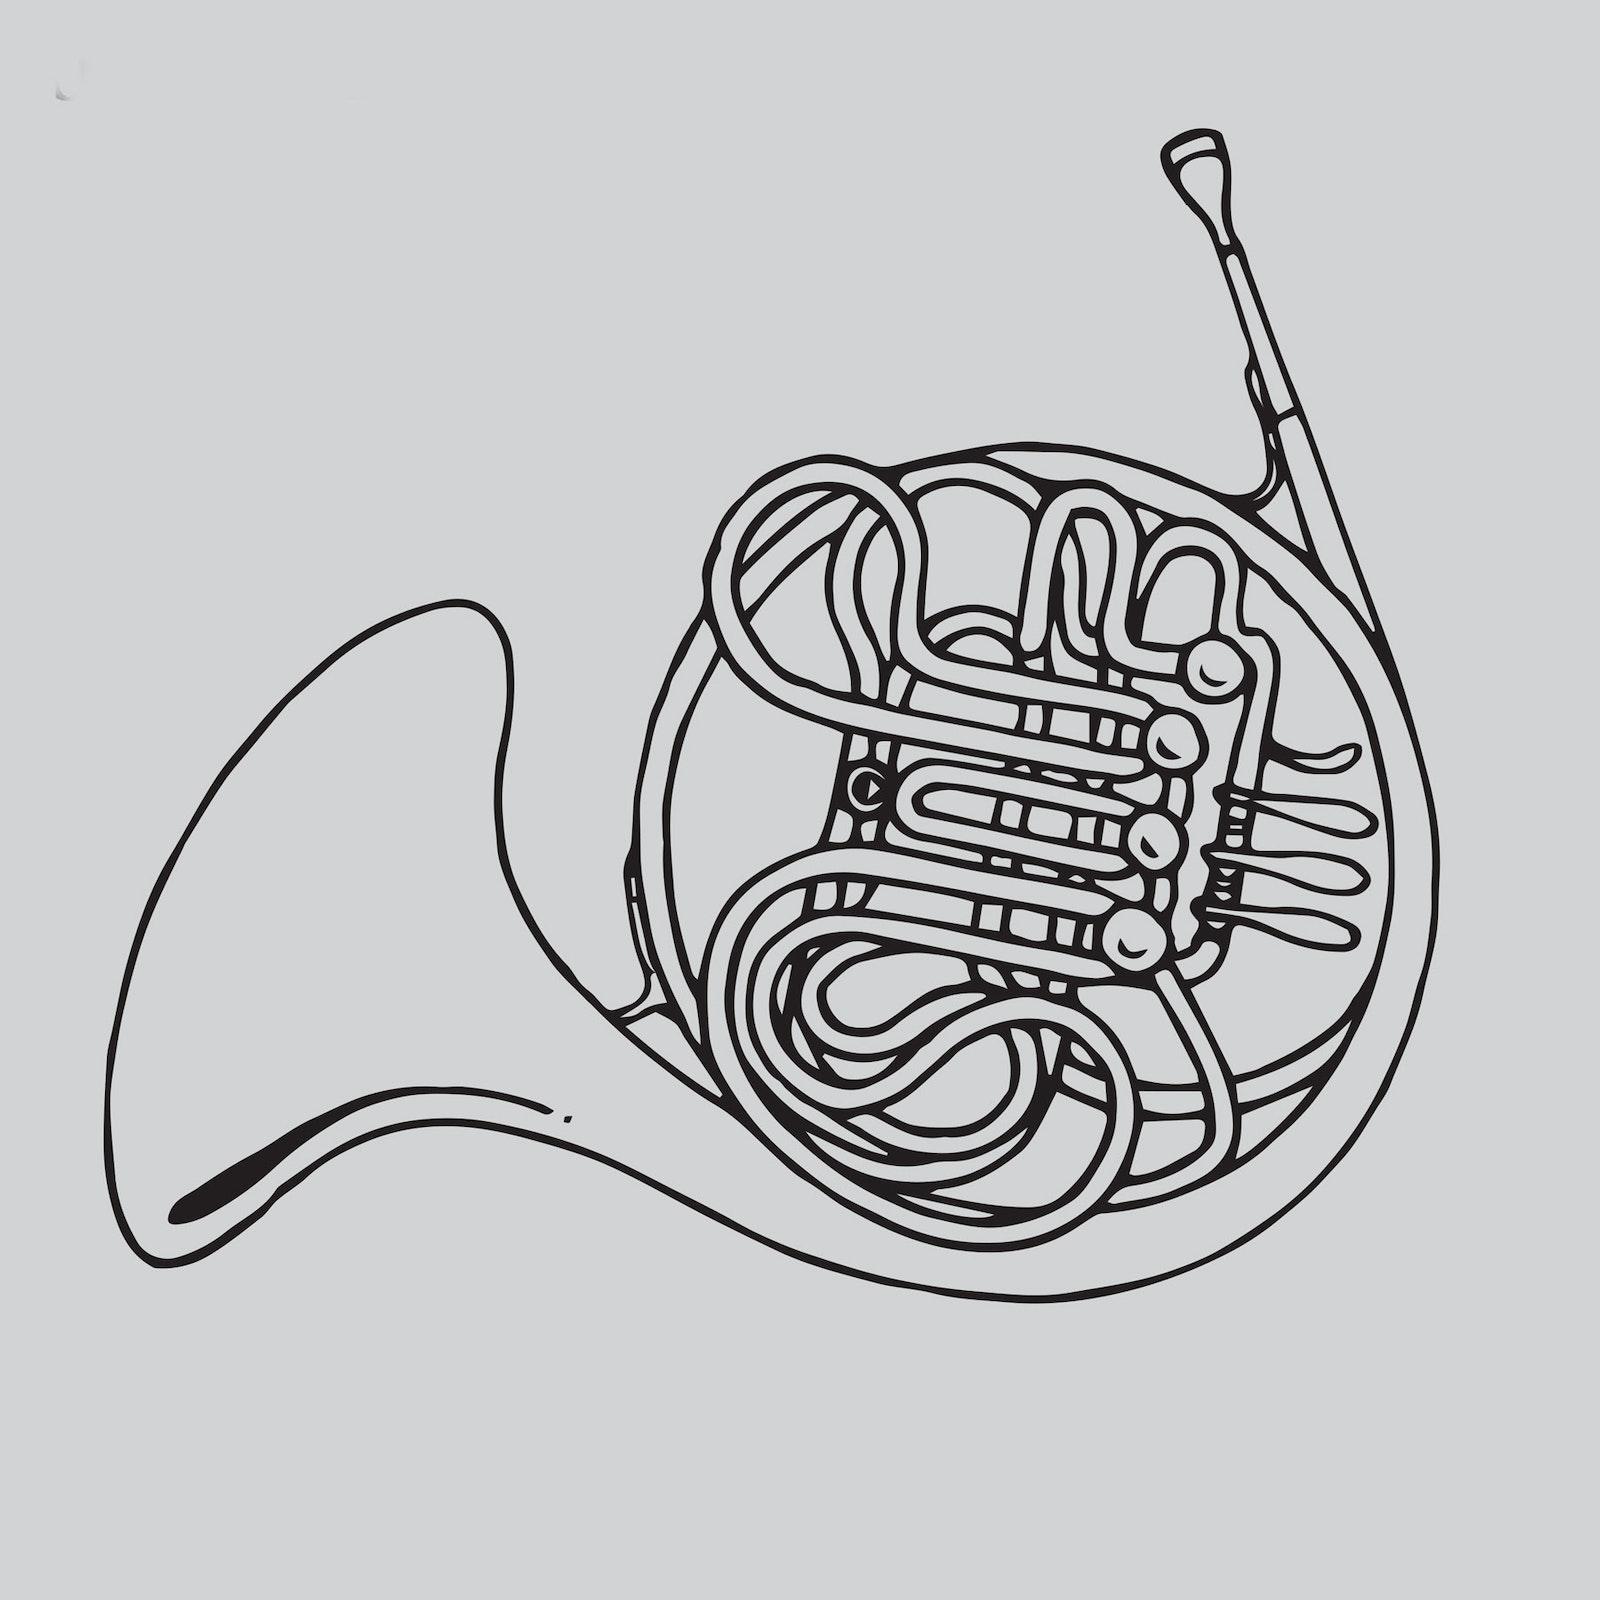 HORN OUTLINE